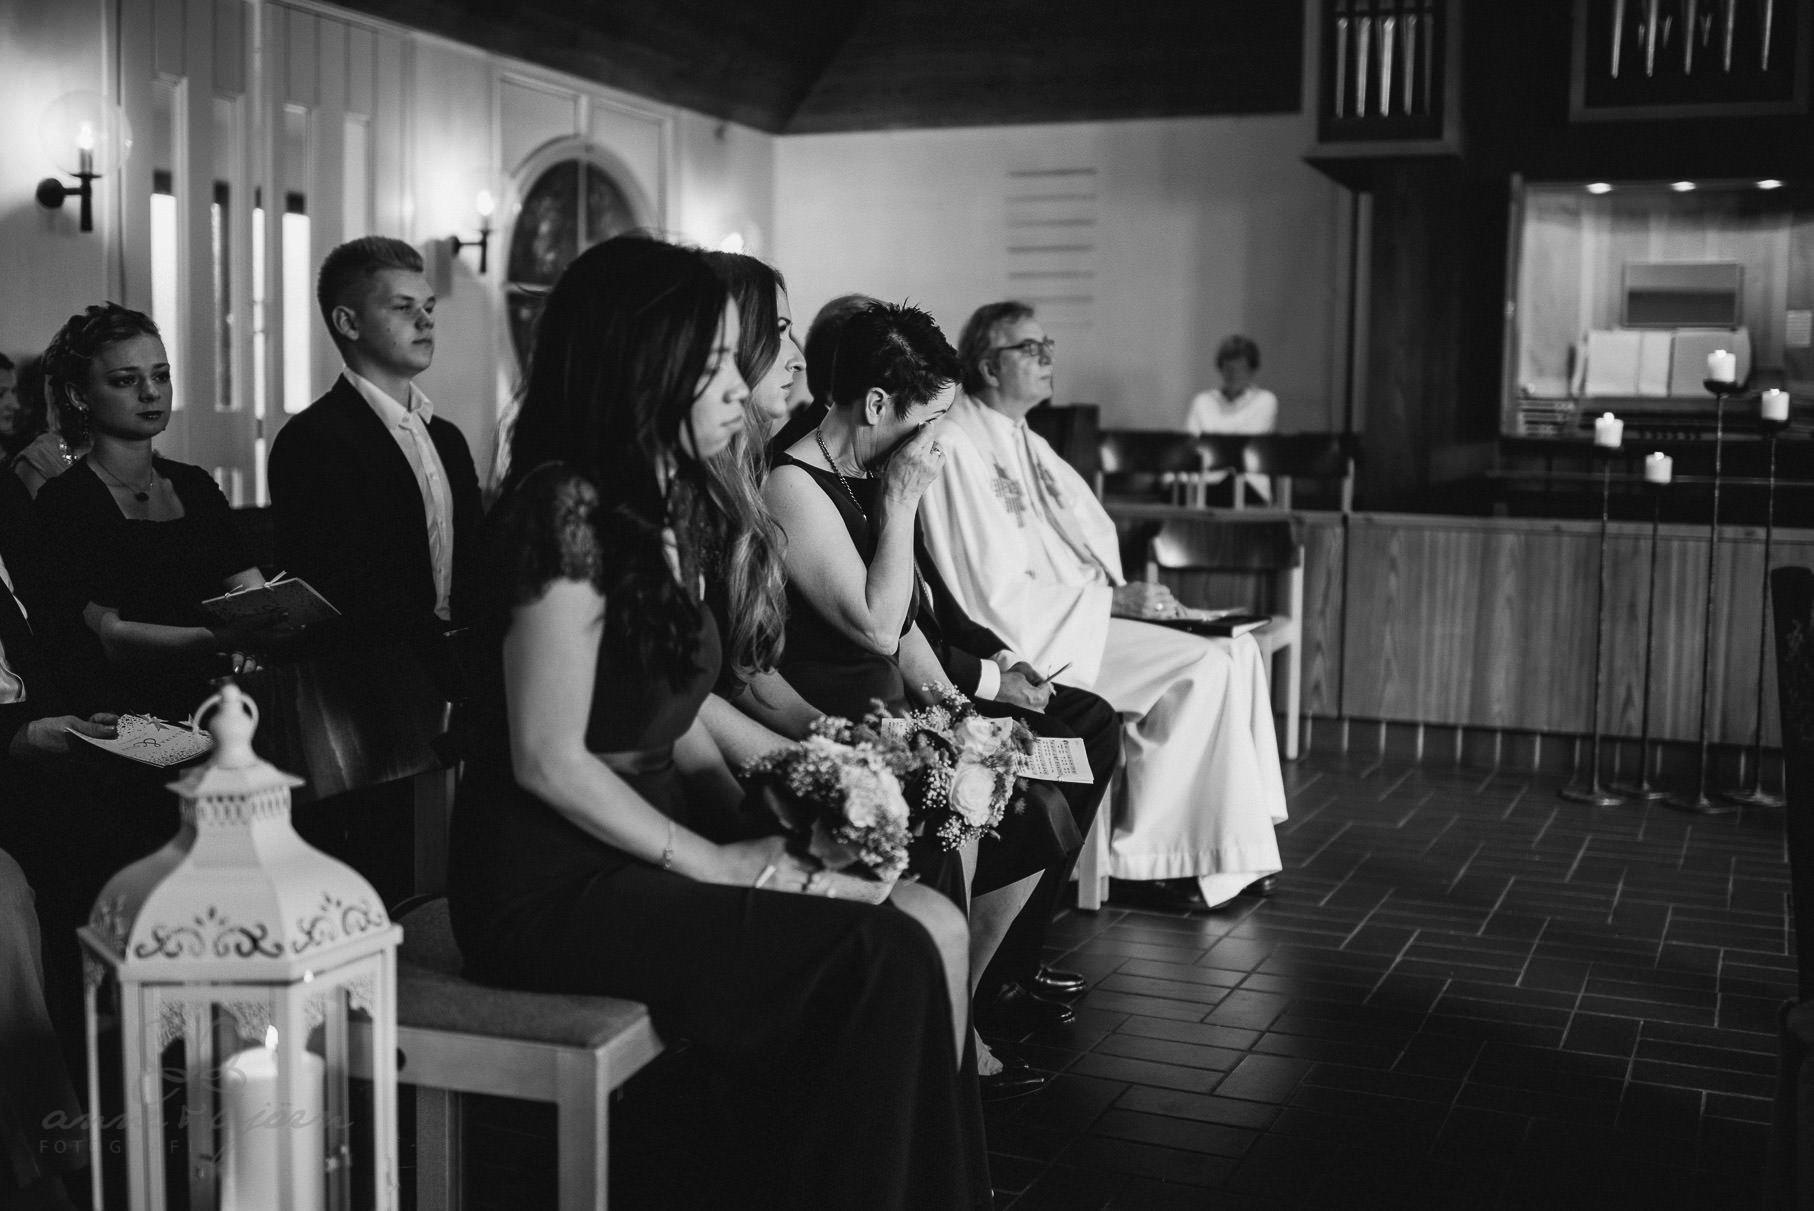 0024 euo 812 0450 - Hochzeit im Schloss Reinbek - Elvira & Olaf